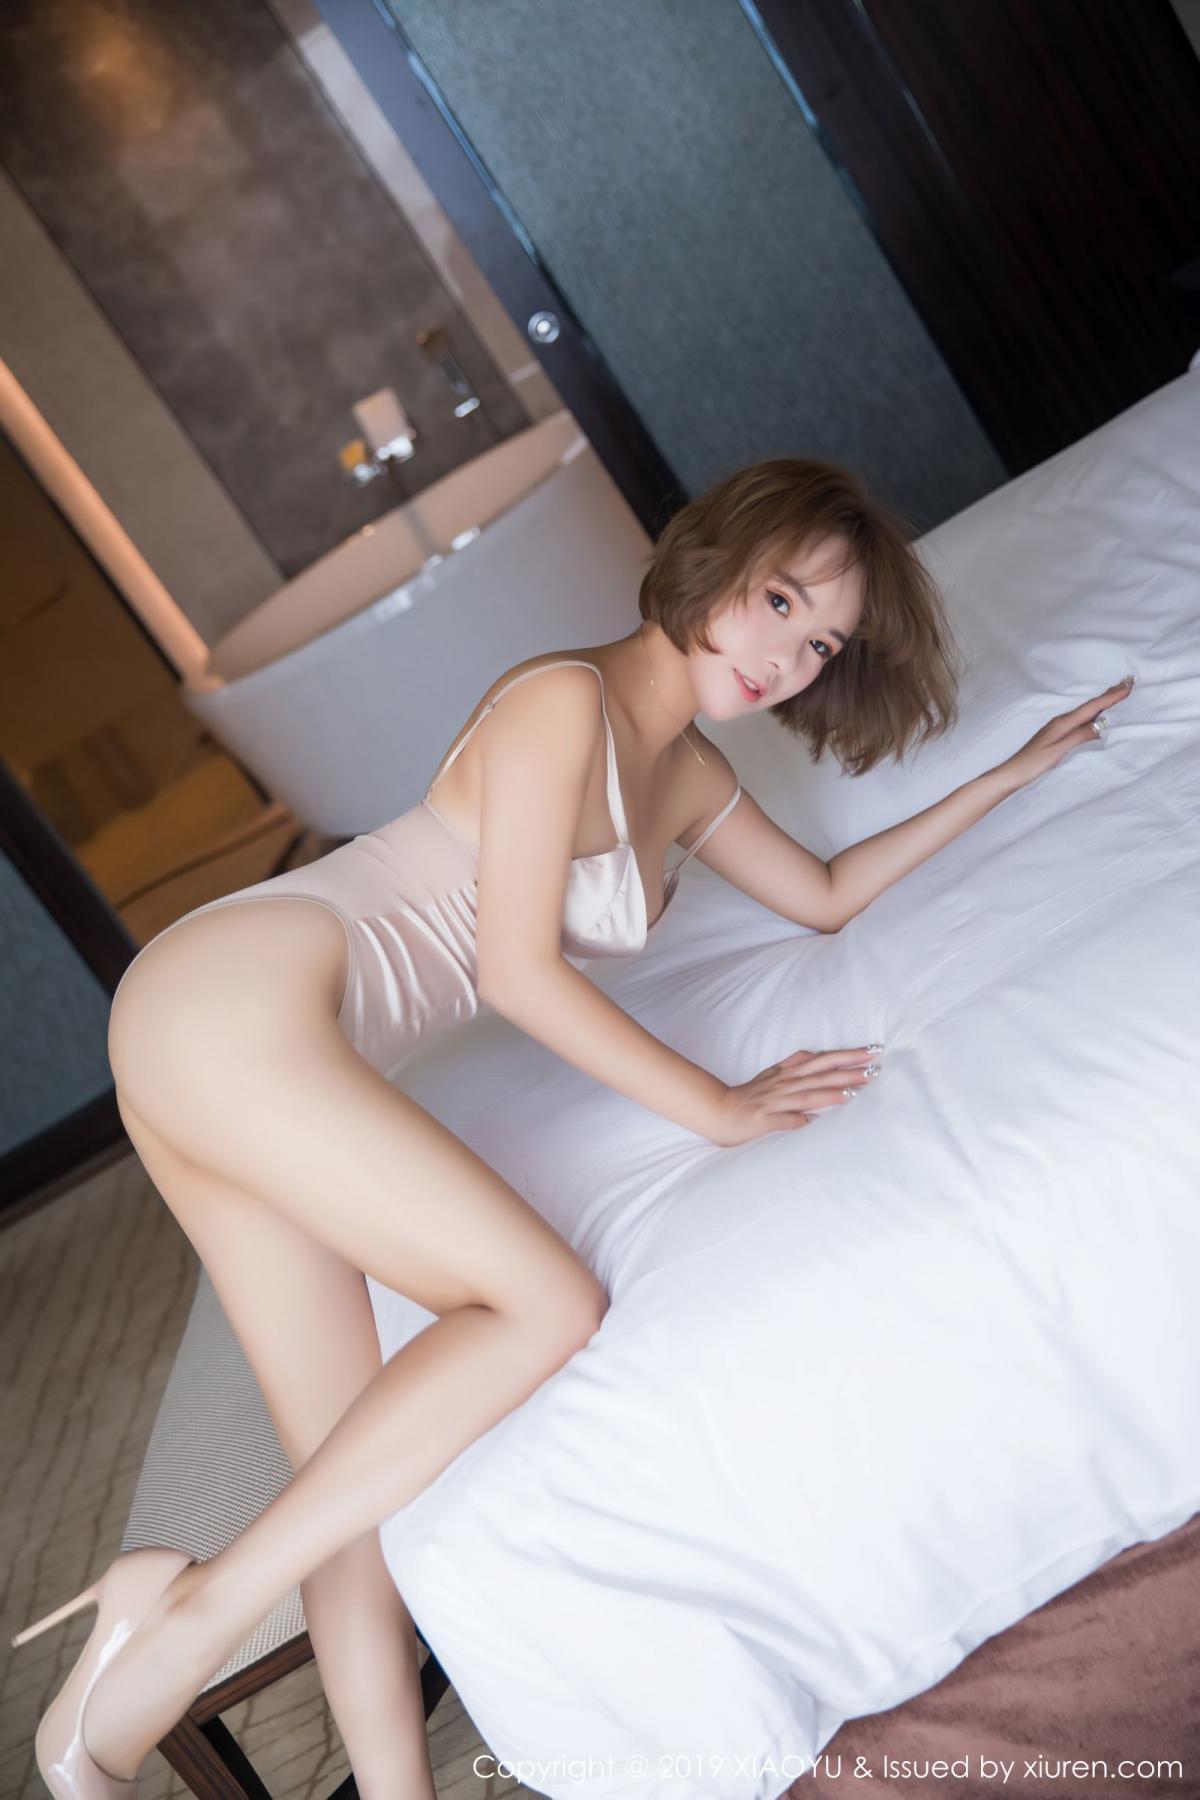 [XiaoYu] Vol.015 Chen Ya Wen 26P, Chen Ya Wen, Sexy, XiaoYu